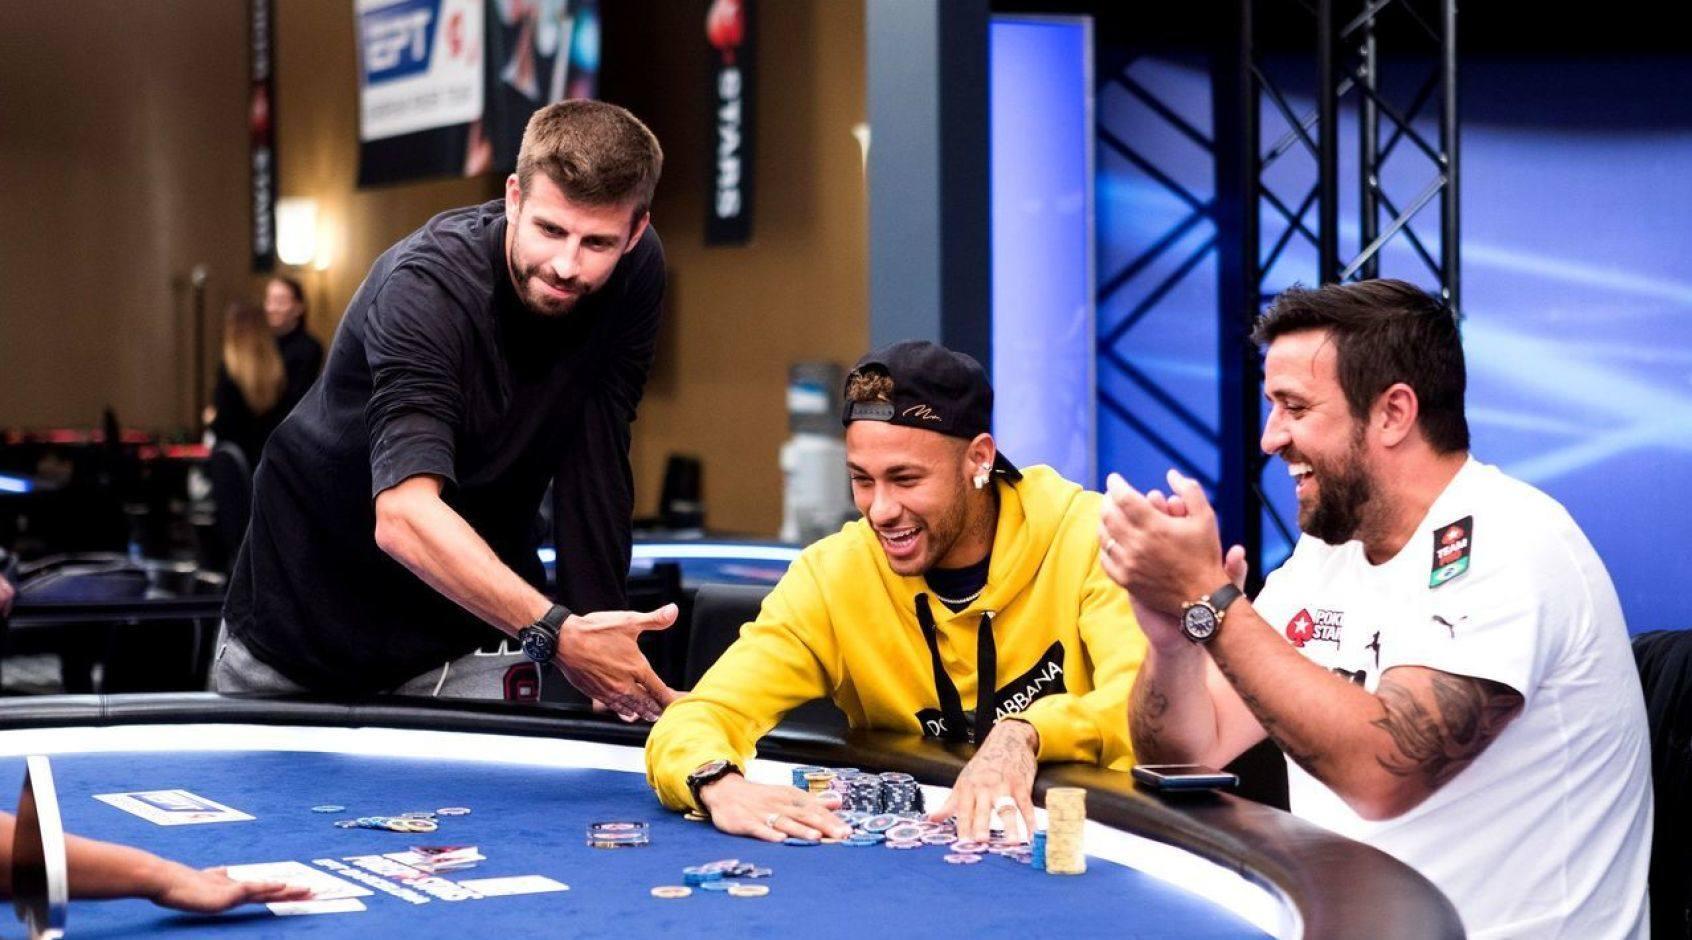 бесплатные турниры по покеру